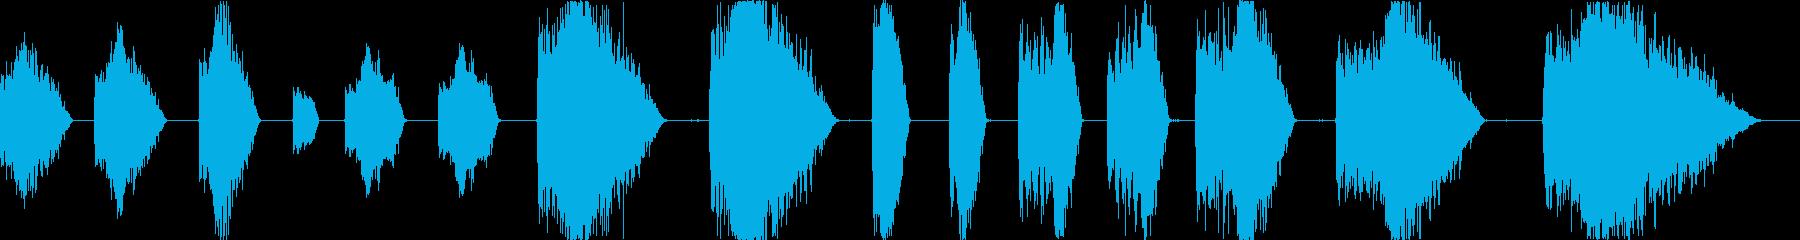 レーザーショット電気アーケードの再生済みの波形